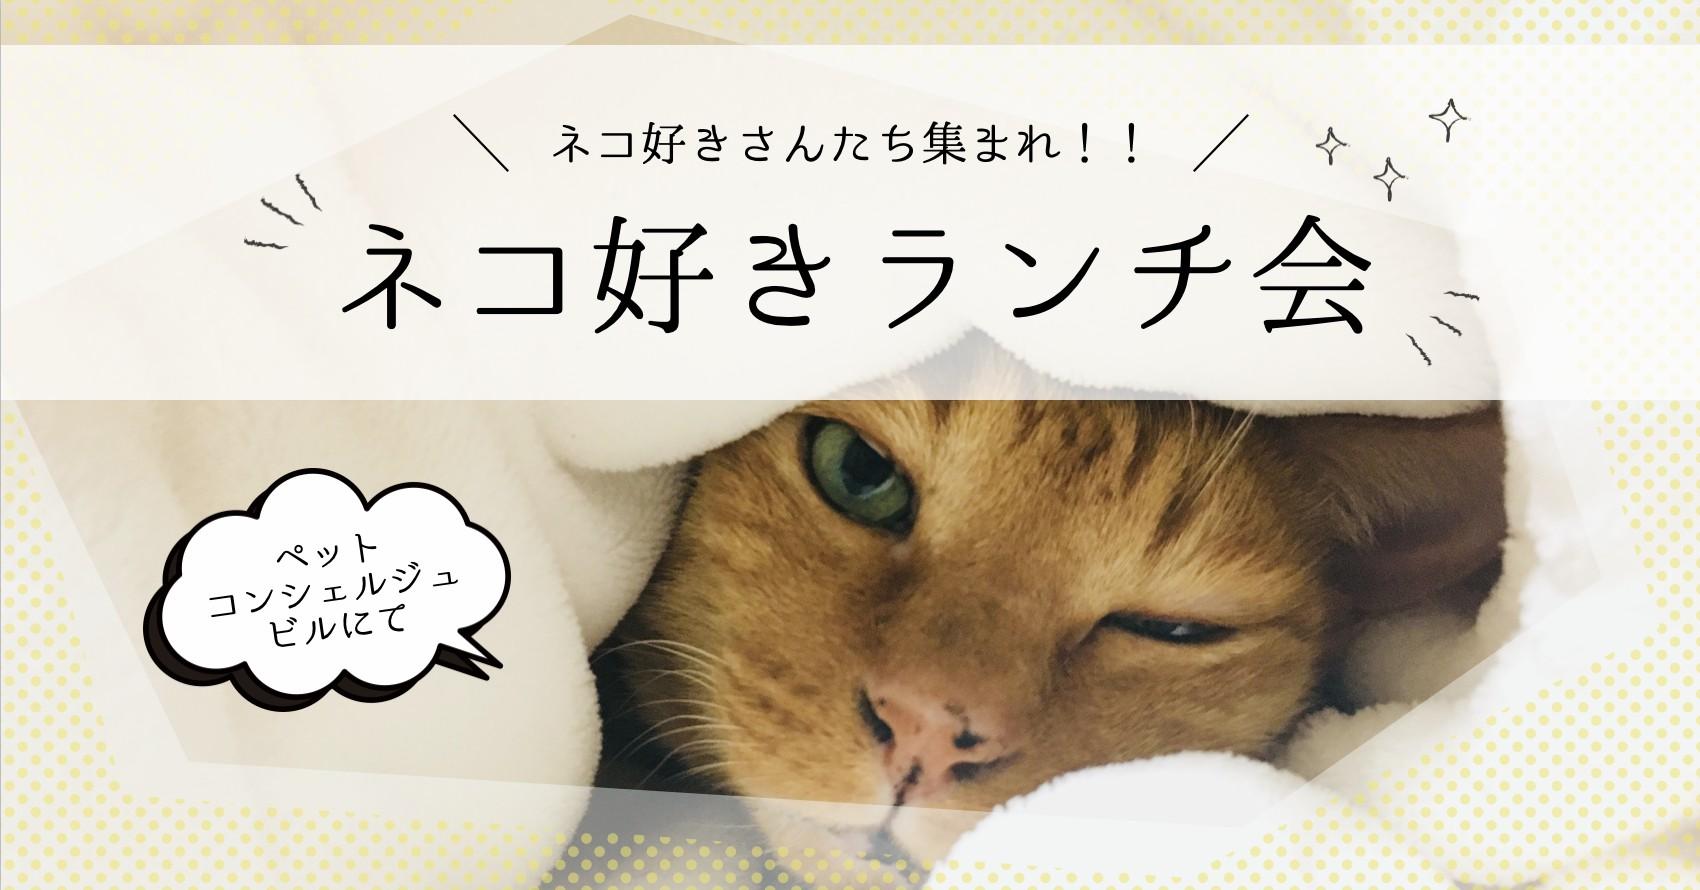 10/18 猫好きランチ会